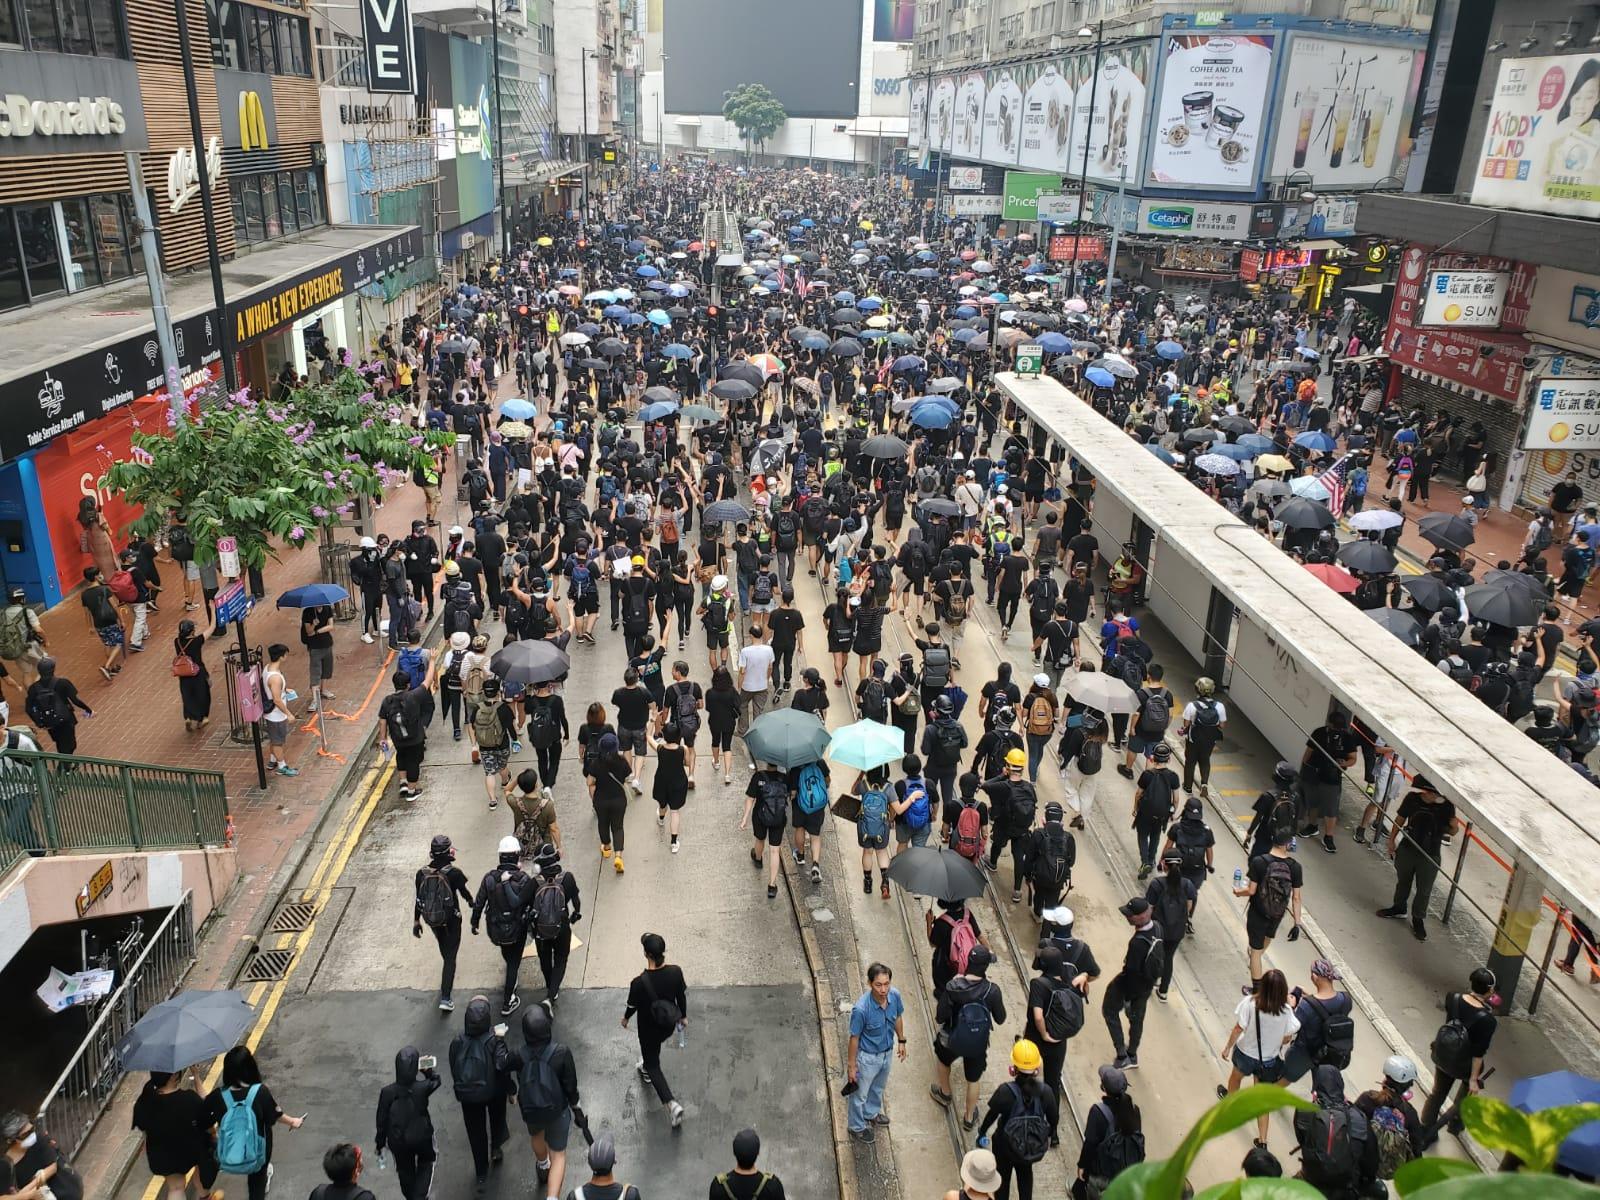 民陣相信無論是否獲發不反對通知書,明日都會有大規模示威活動。